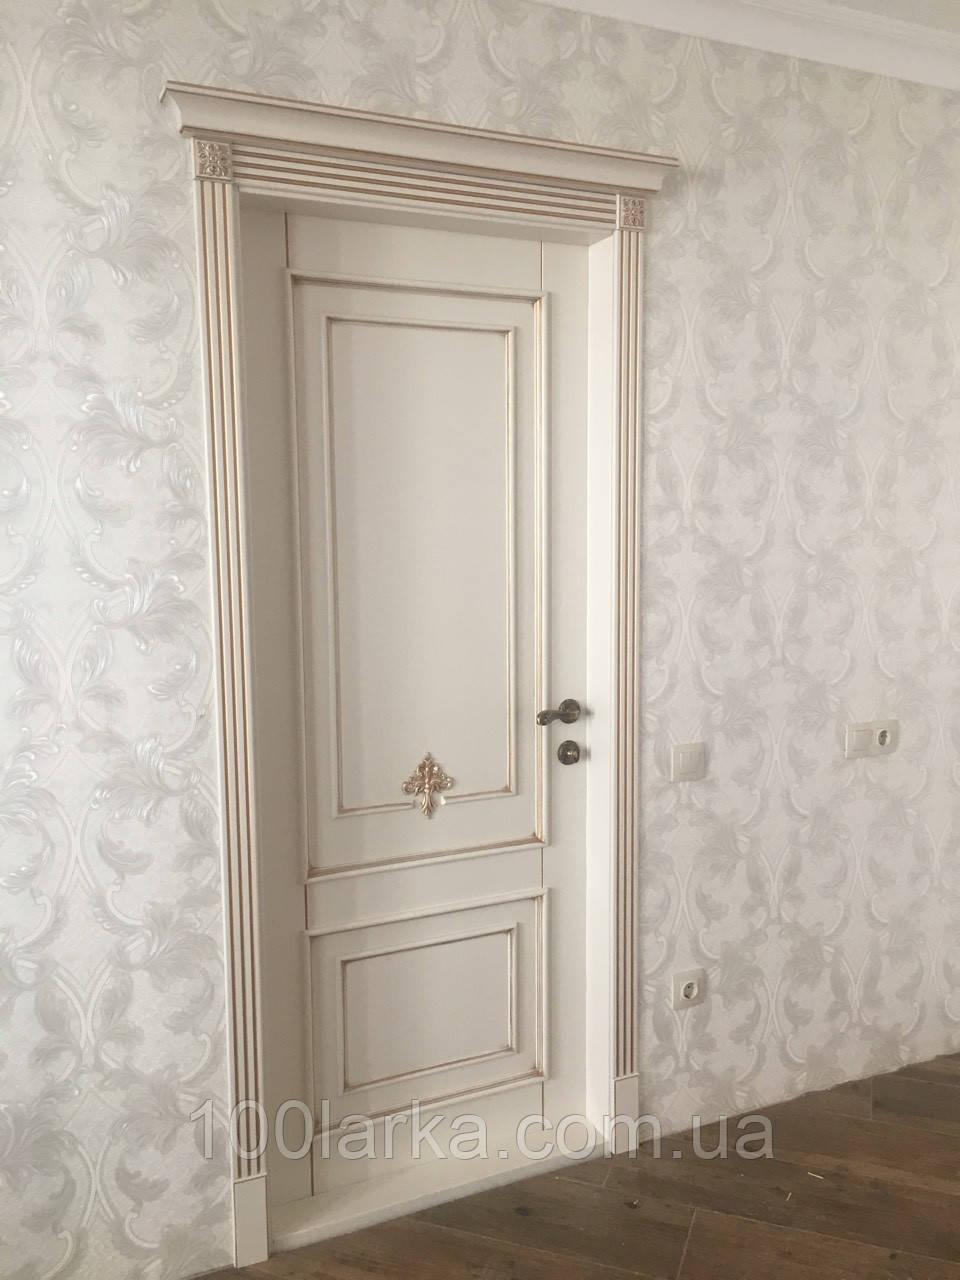 Двері міжкімнатні з натурального дерева ясен RAL-9001 патина золото